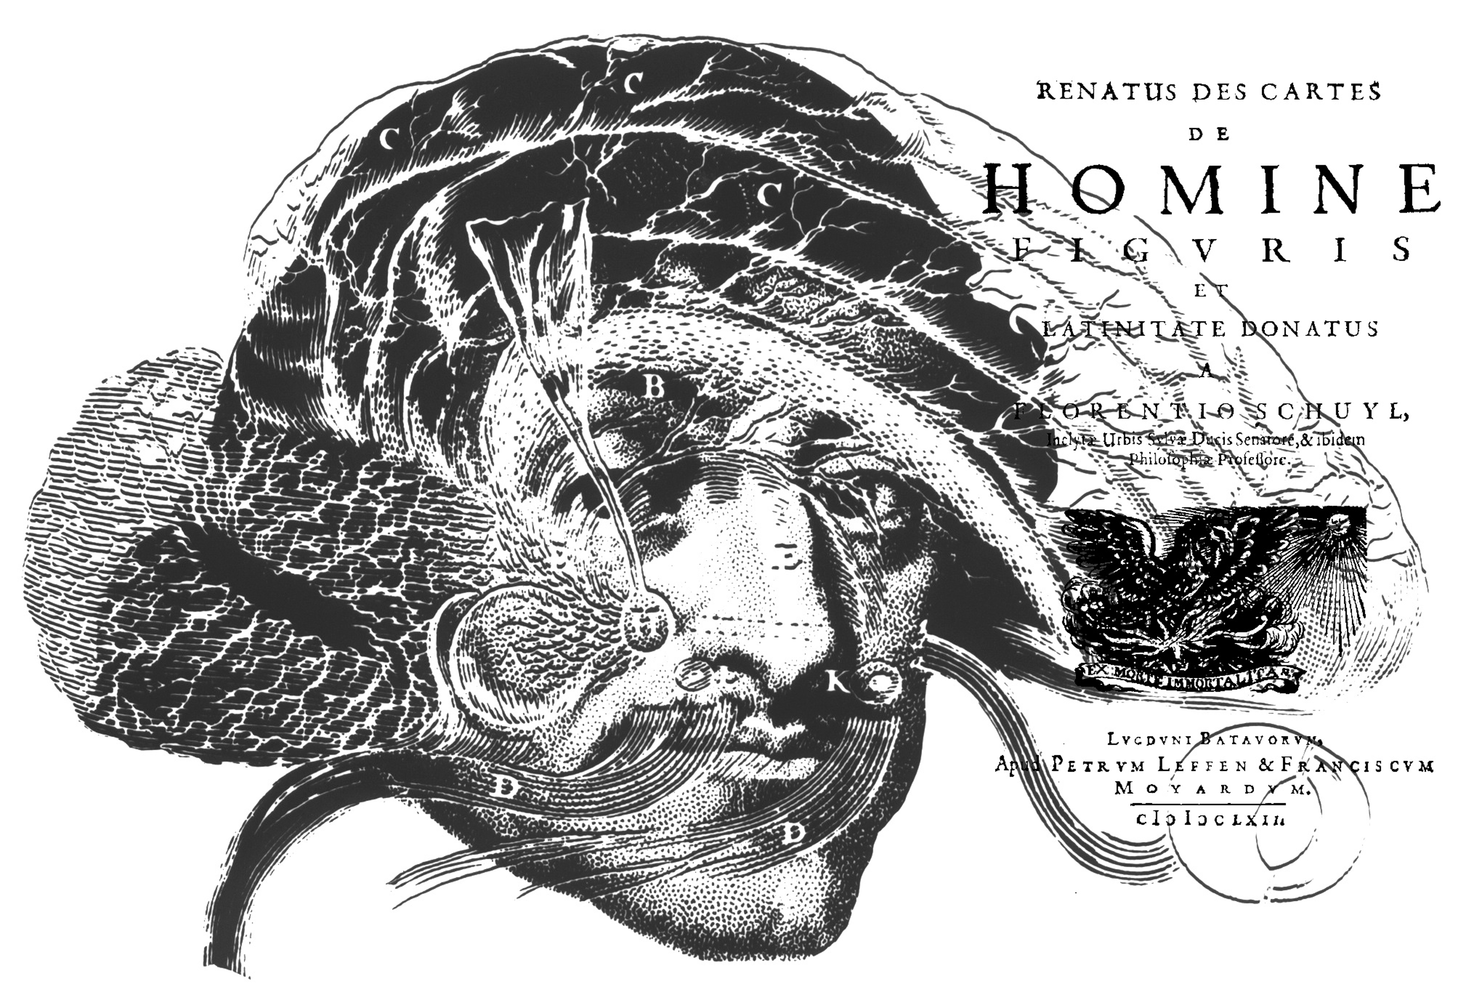 Descartes'ın Beynindeki Tuhaf Bombe